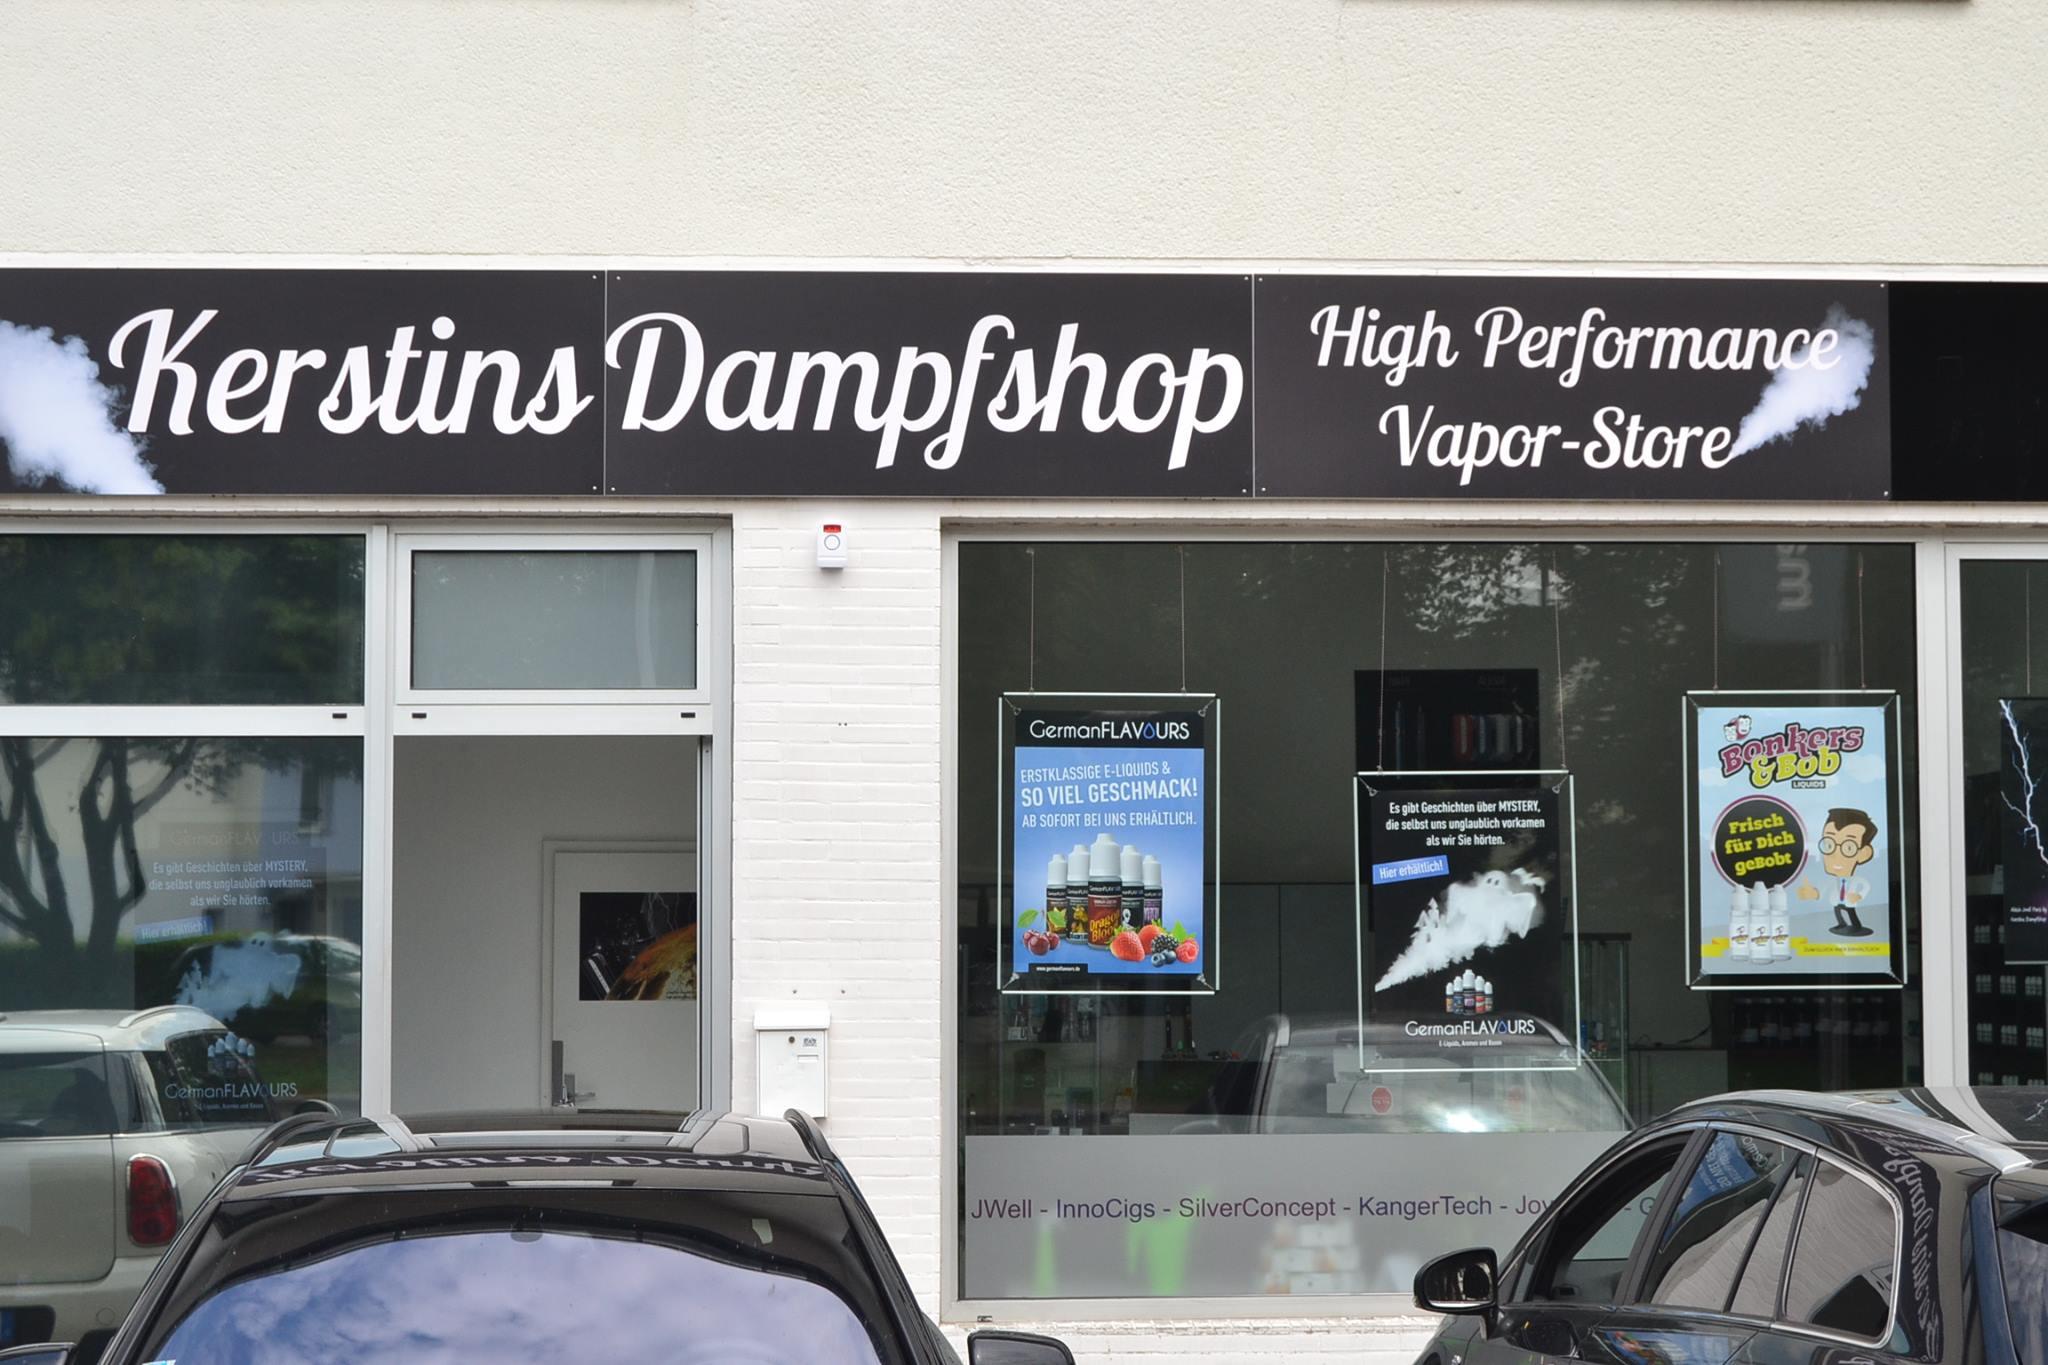 Lengeschäft Köln e zigaretten shop in deiner nähe kerstins dfshop köln porz